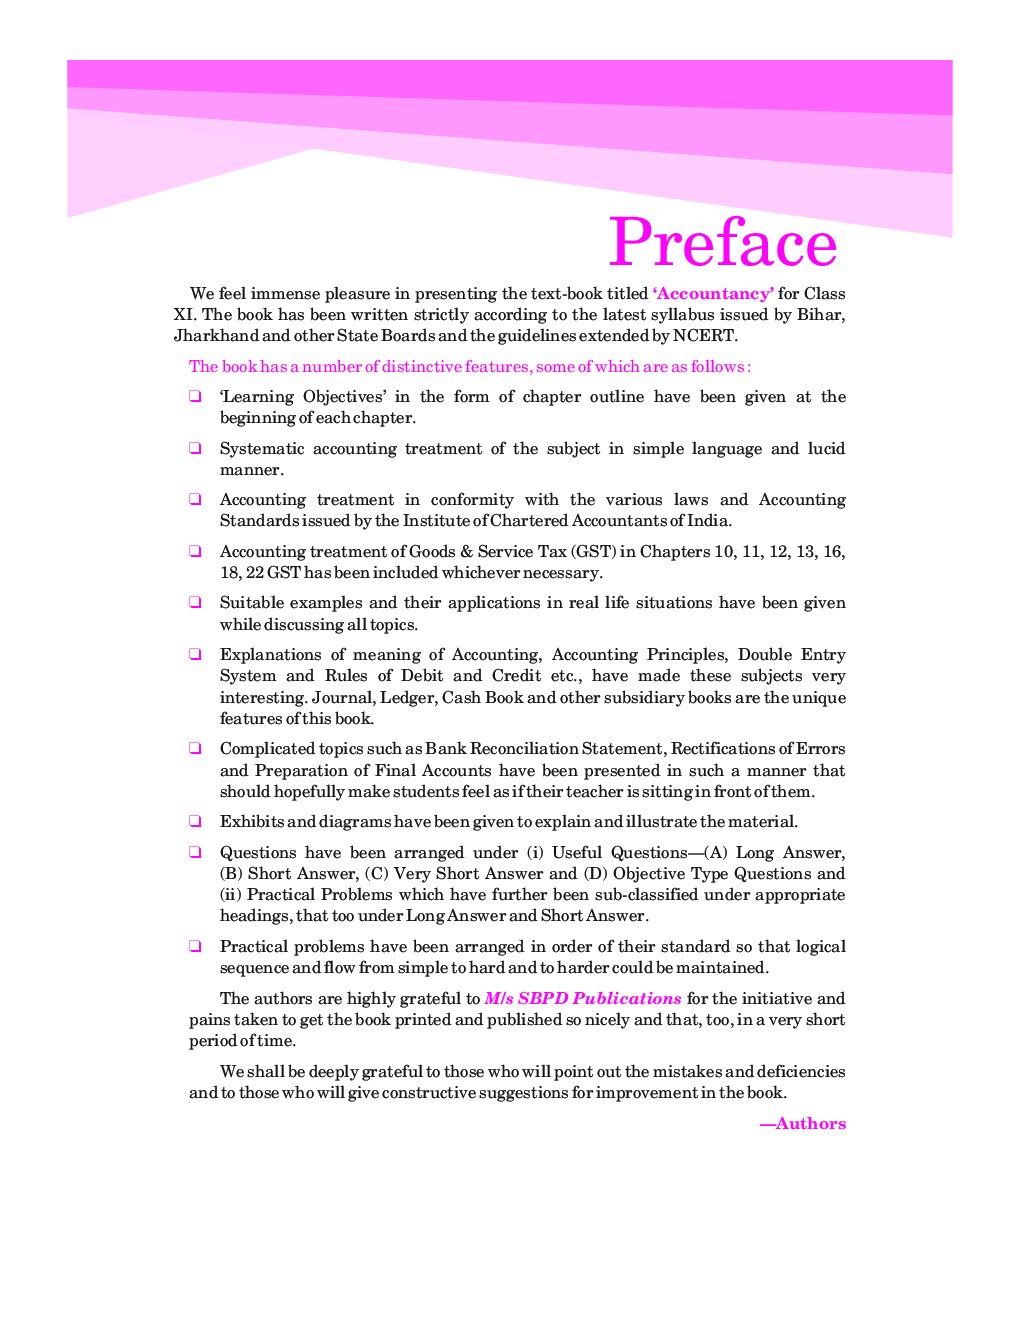 Accountancy Class XI - Page 4